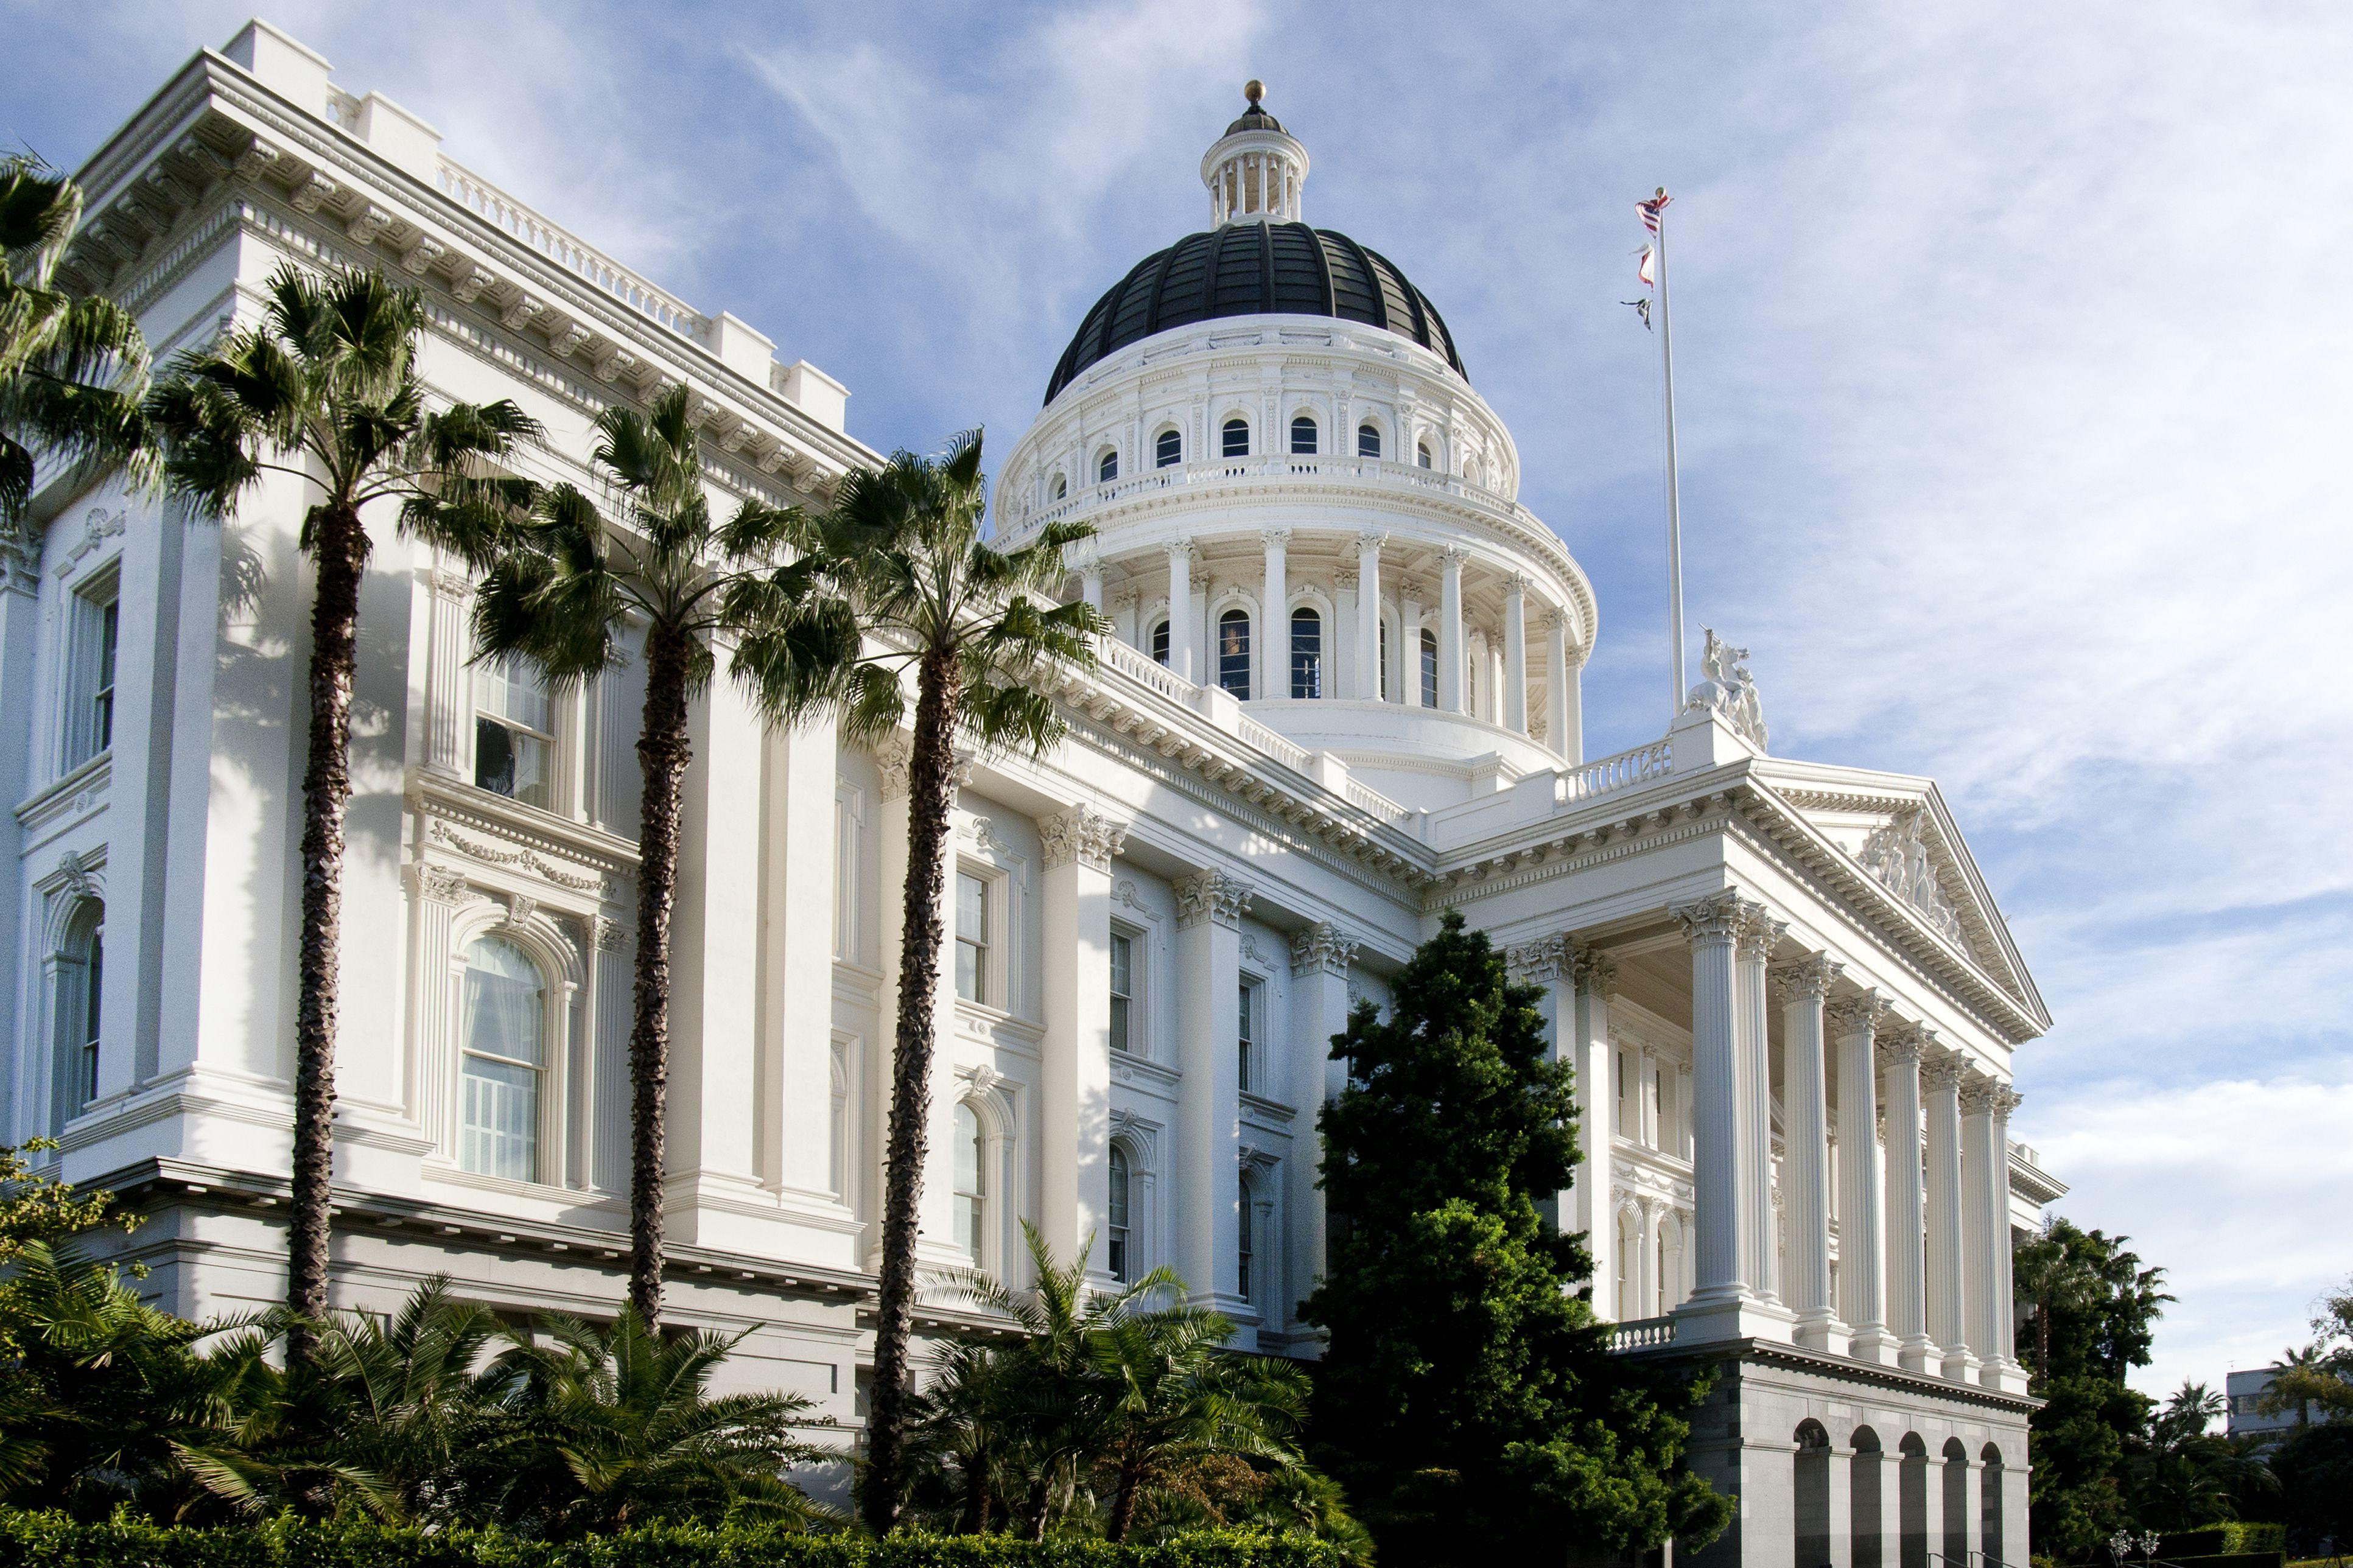 California State Capitol building, Sacramento, CA